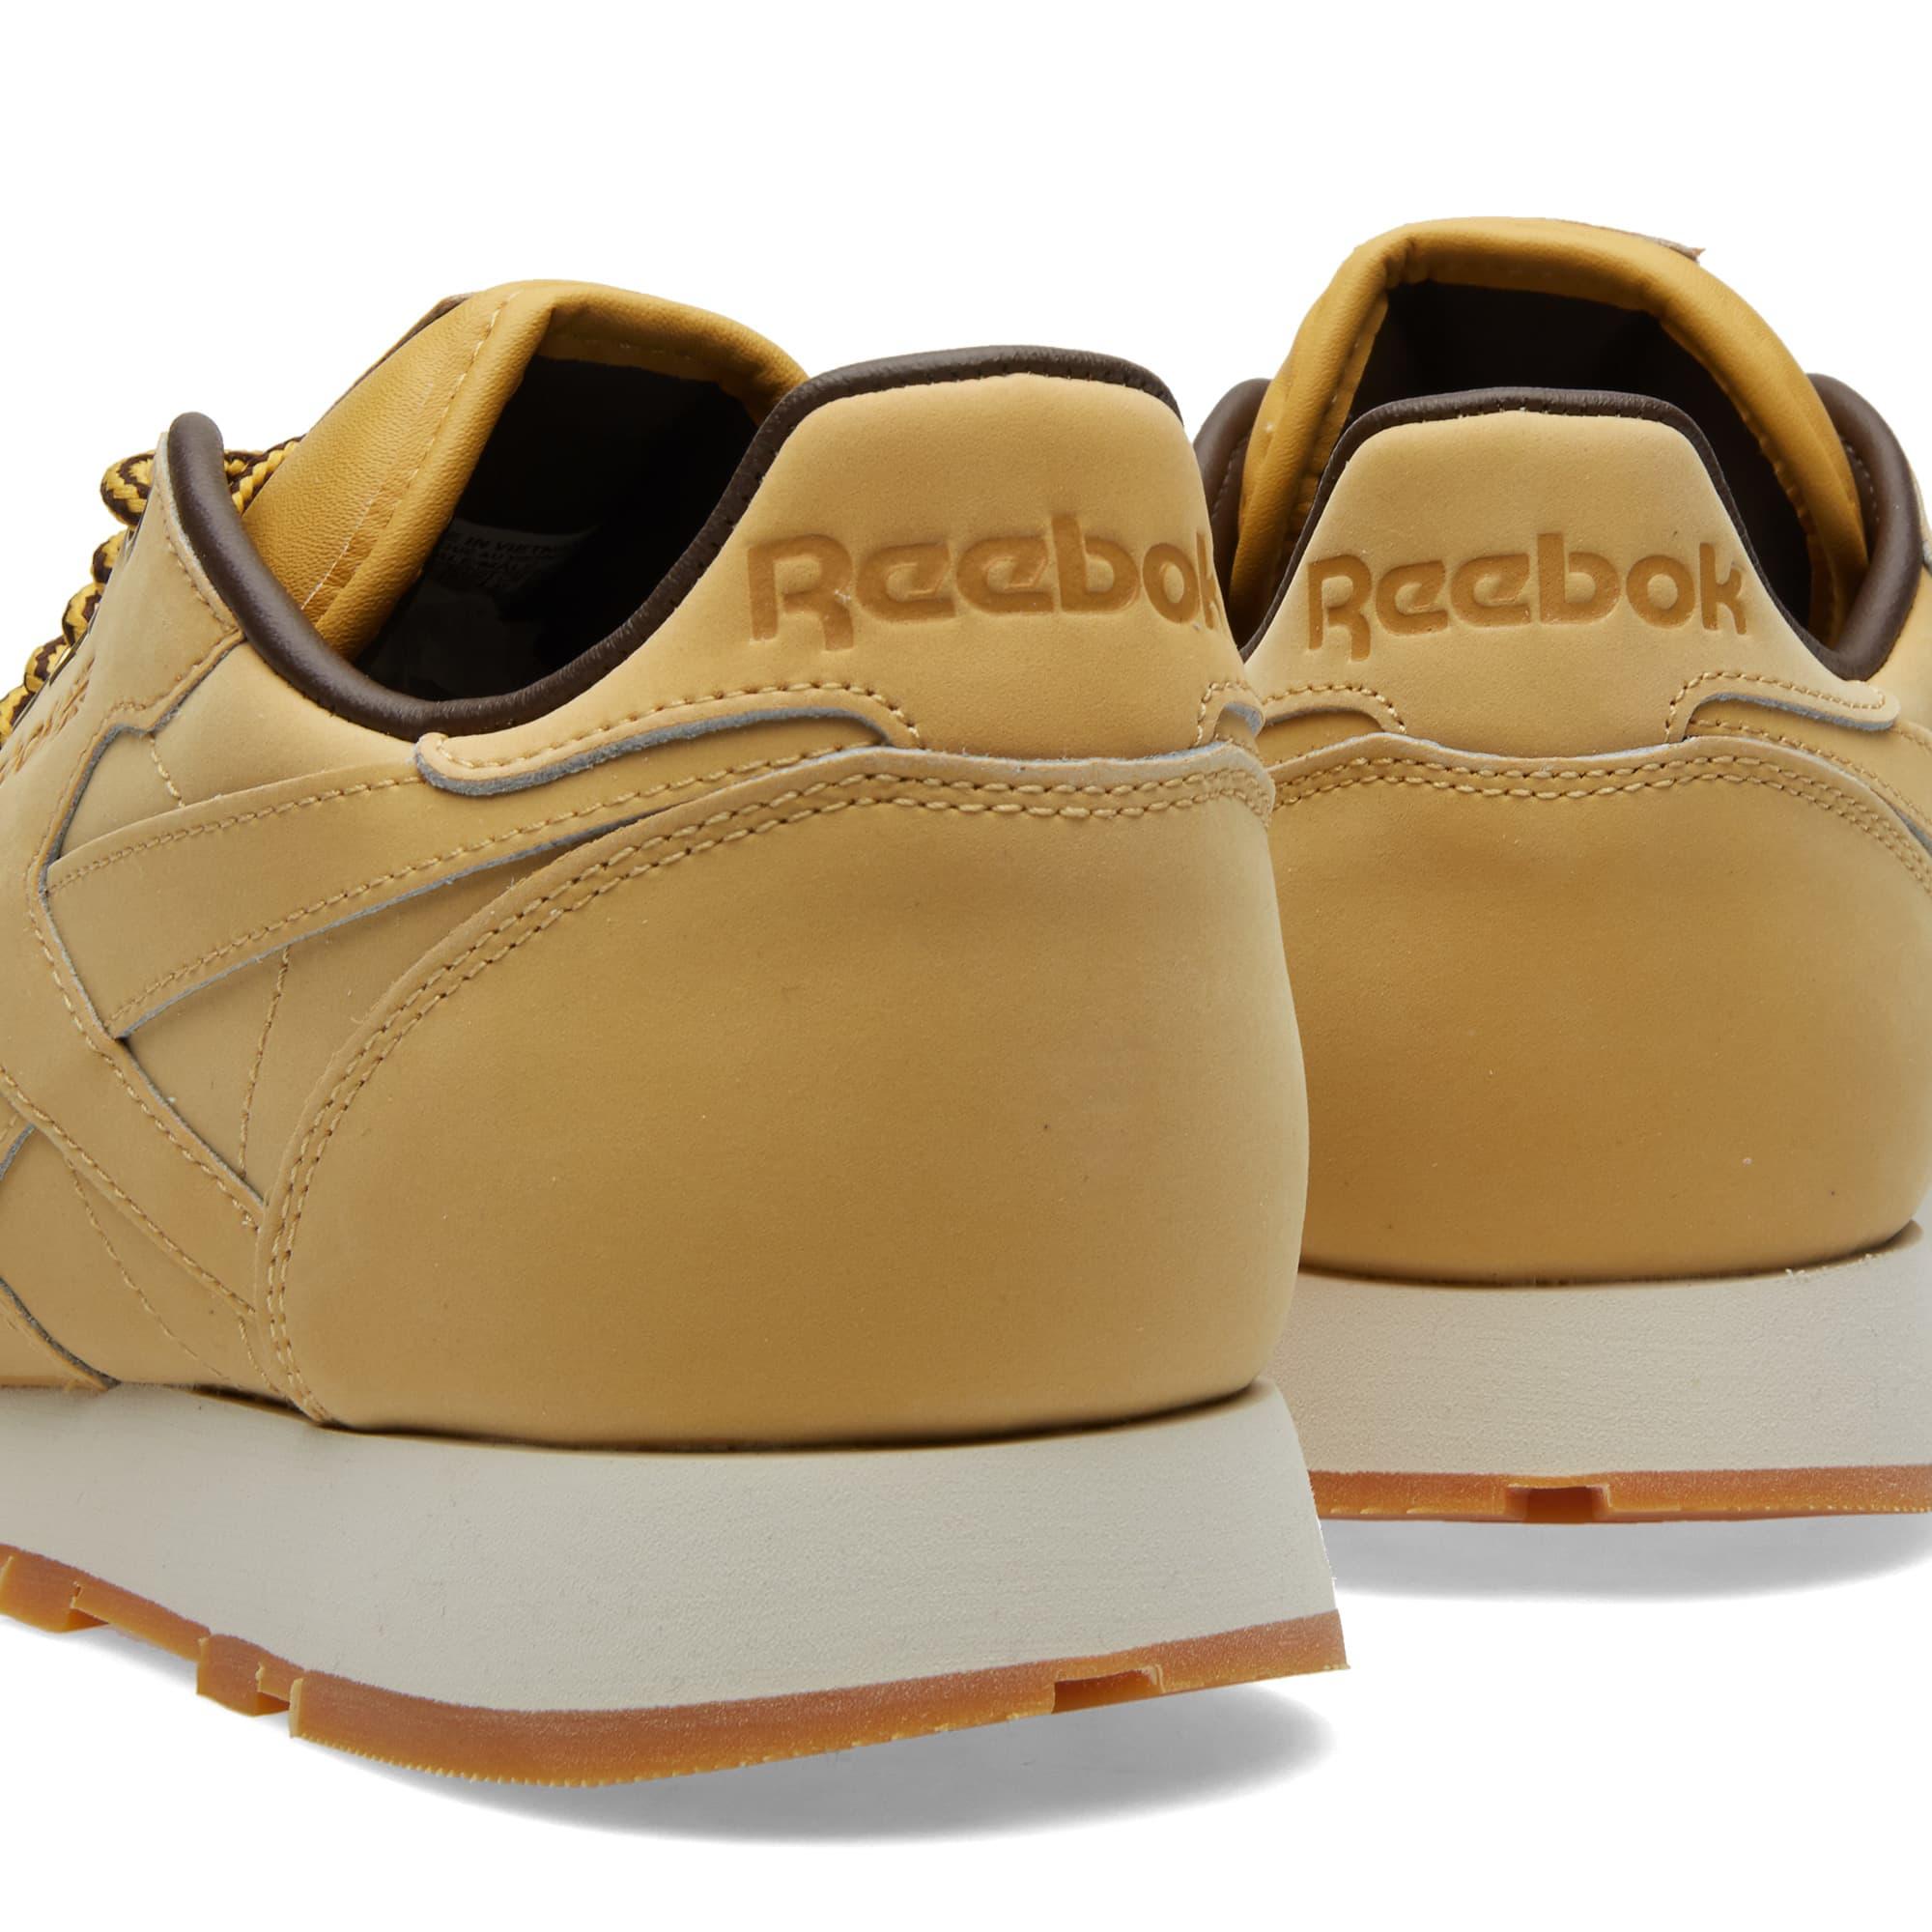 Reebok Classic Leather 'Wheat' - Wheat & Dark Brown